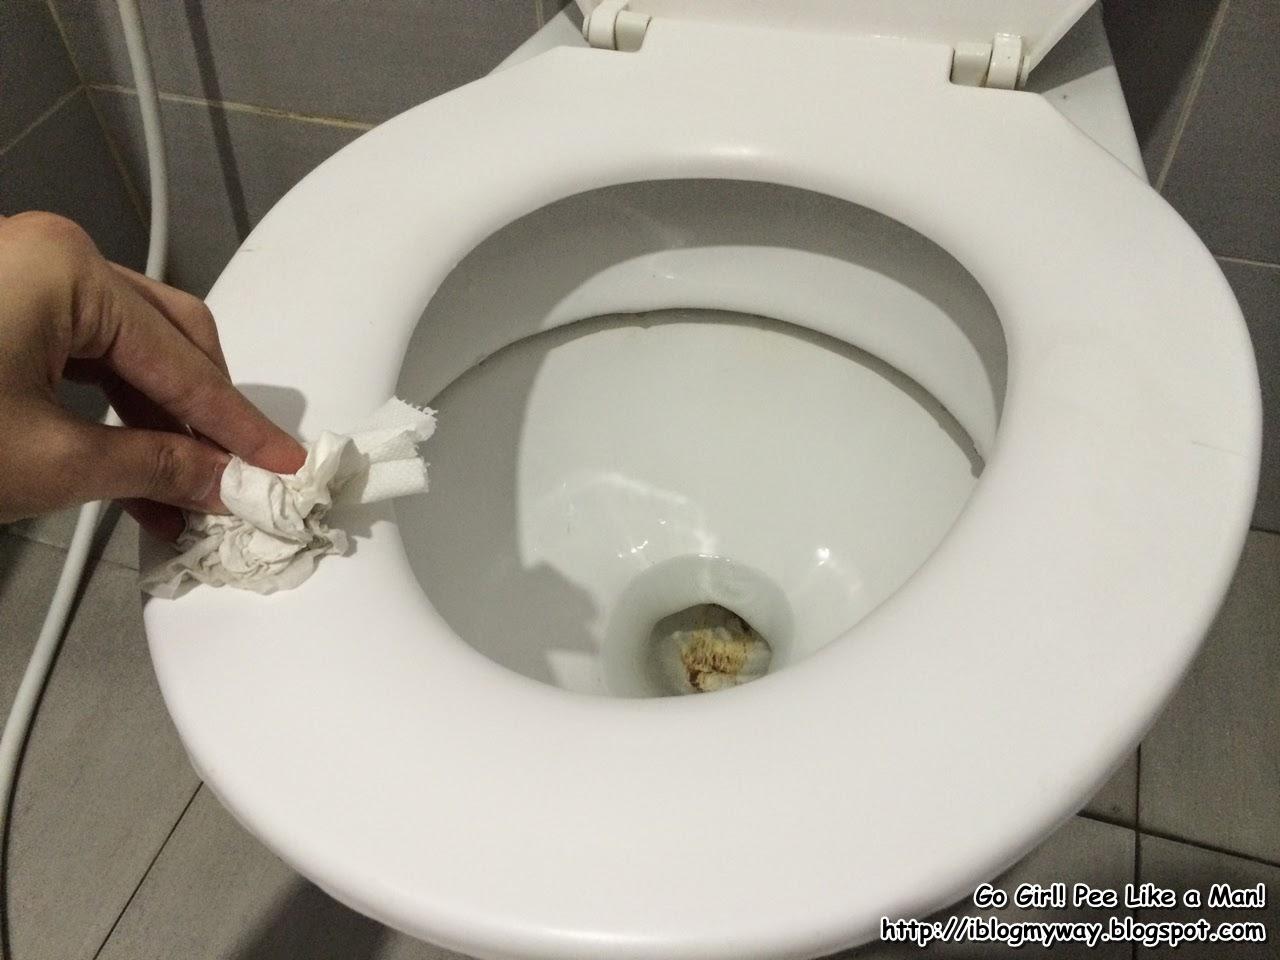 Man pee in toilet